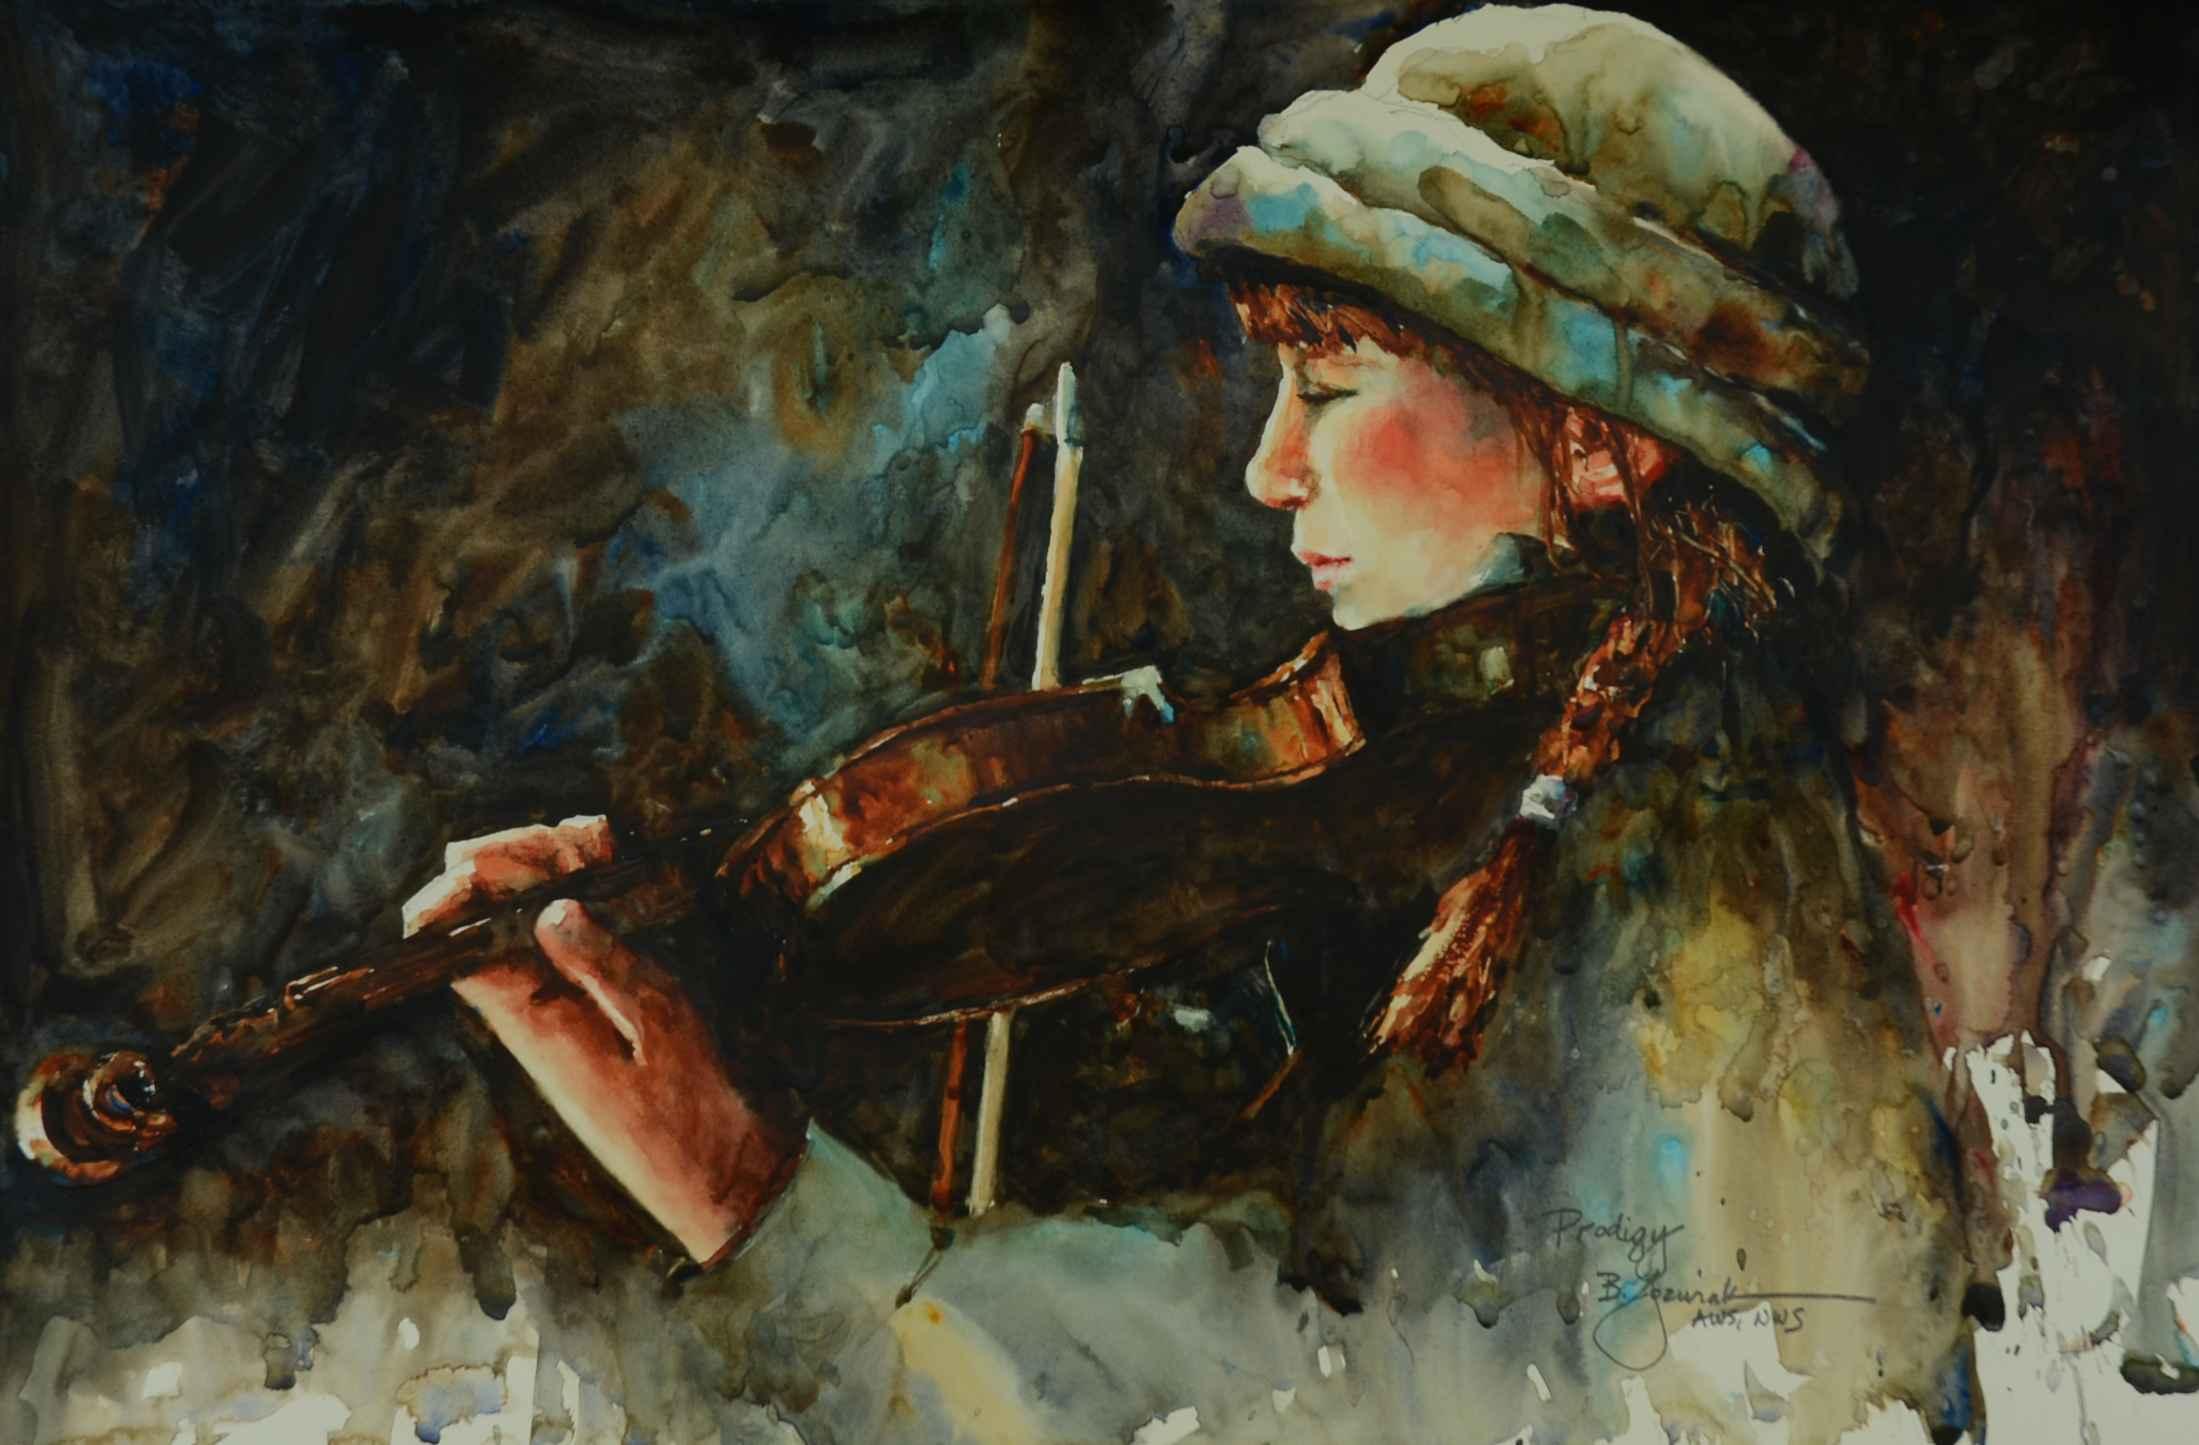 Prodigy by  Bev Jozwiak - Masterpiece Online